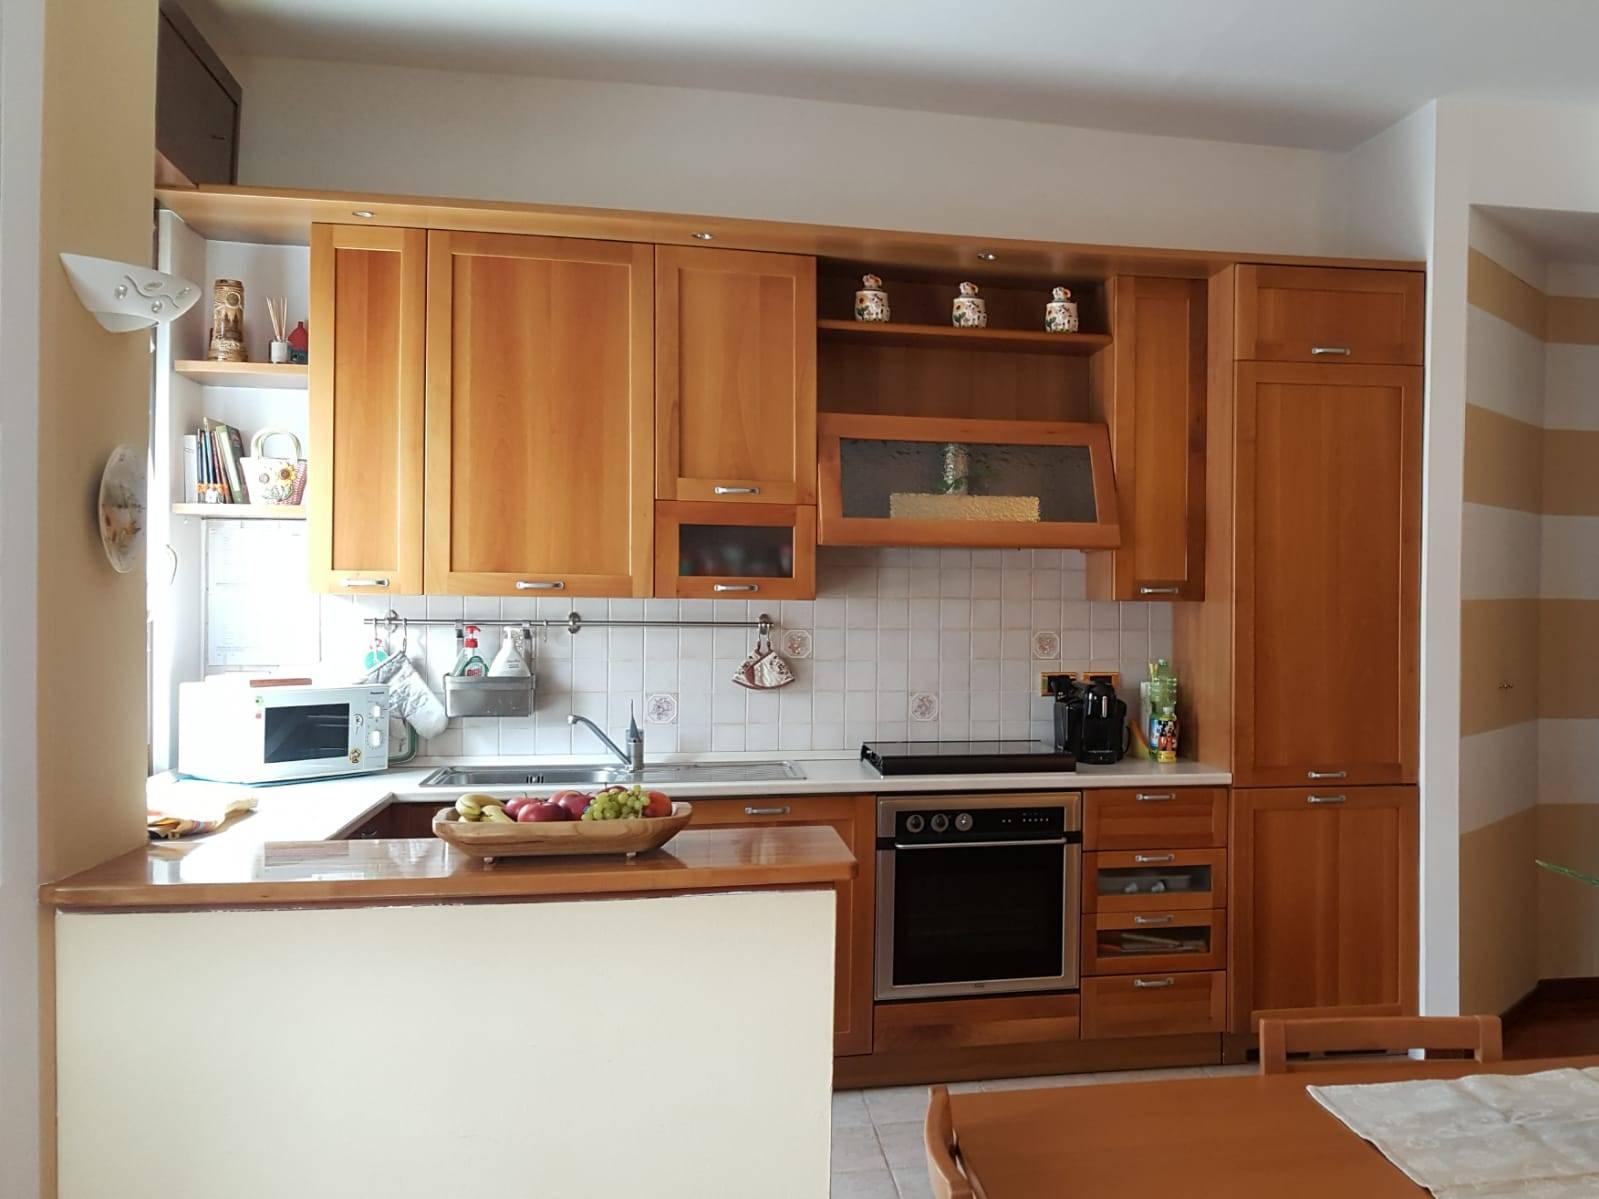 Appartamento in vendita a Villa Carcina, 3 locali, zona Zona: Villa, prezzo € 120.000 | CambioCasa.it